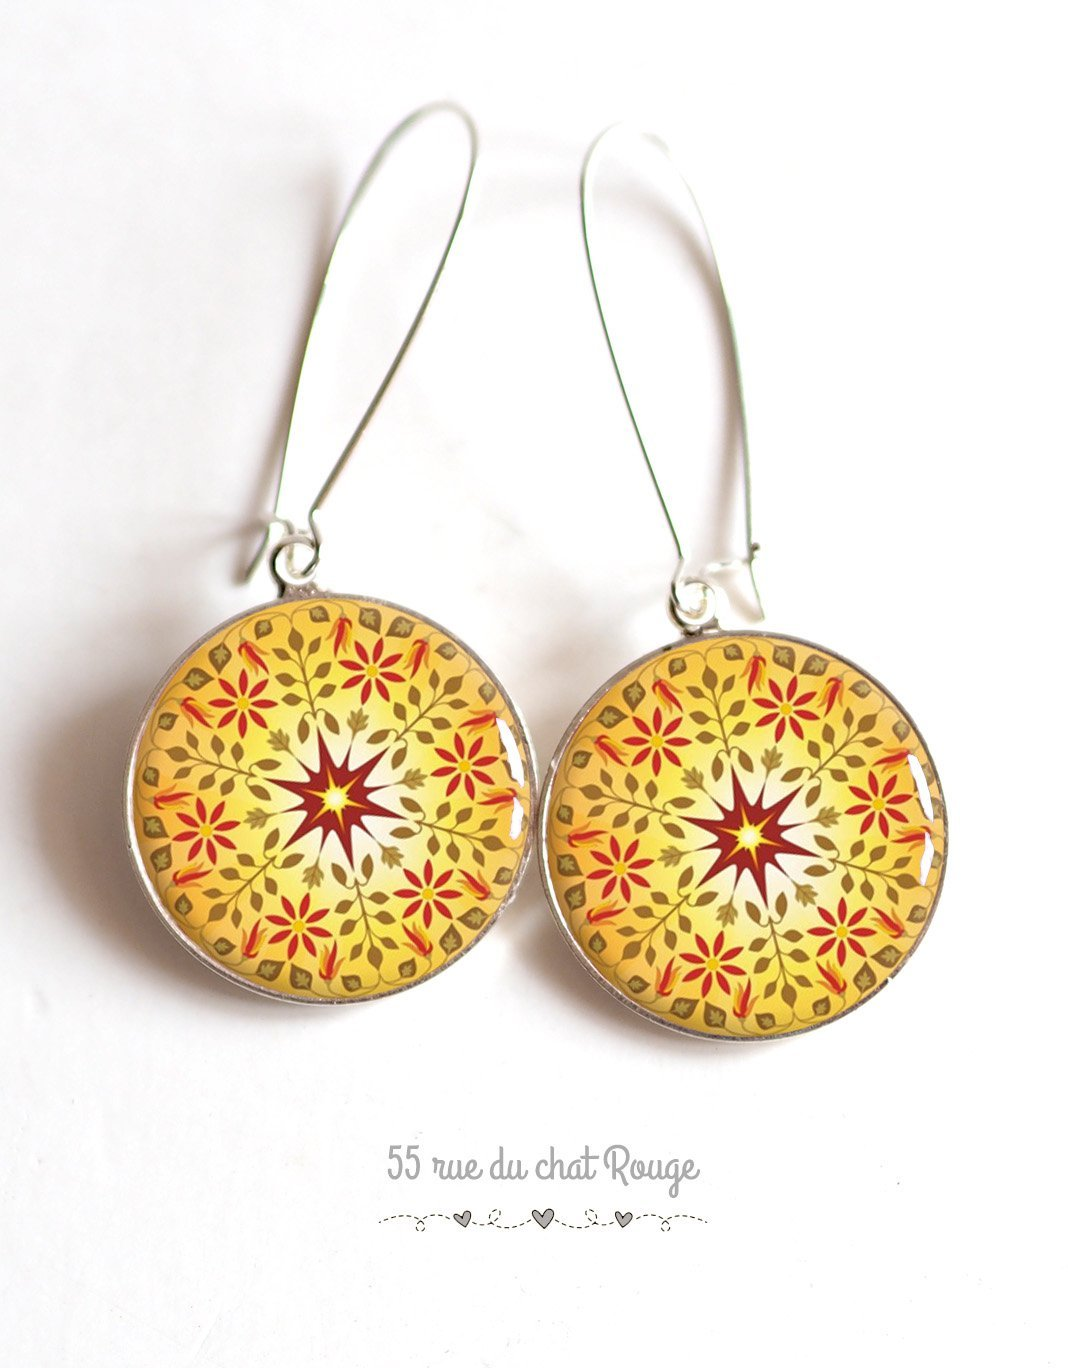 Mantra Sun Juwel Mandala Jane Weihnachtsgeschenkidee Zen Cabochon Ohrringe ethnische Juwel